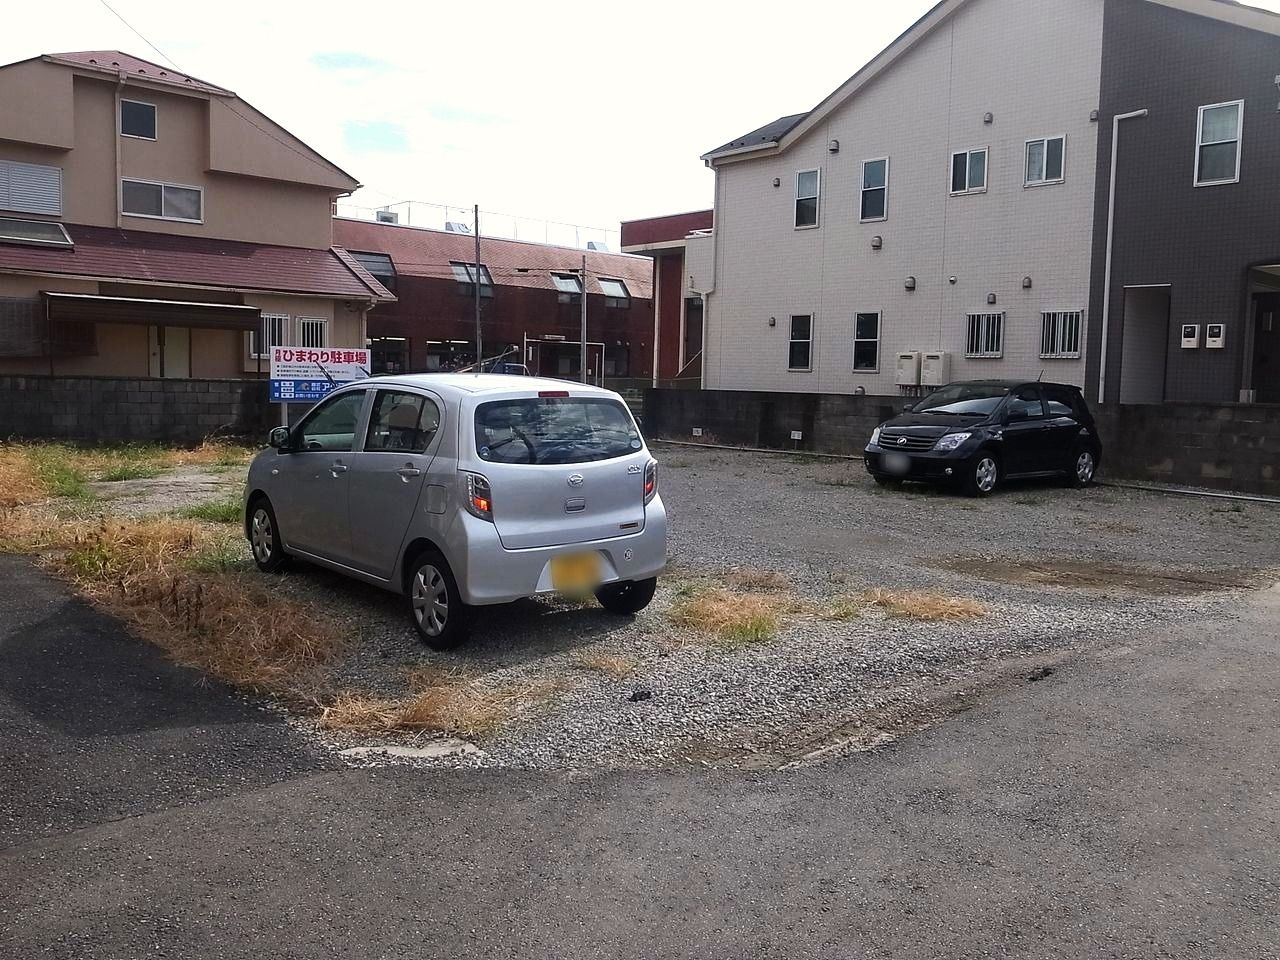 吉川市栄町にある月極駐車場のひまわり駐車場の総台数は7台です!!